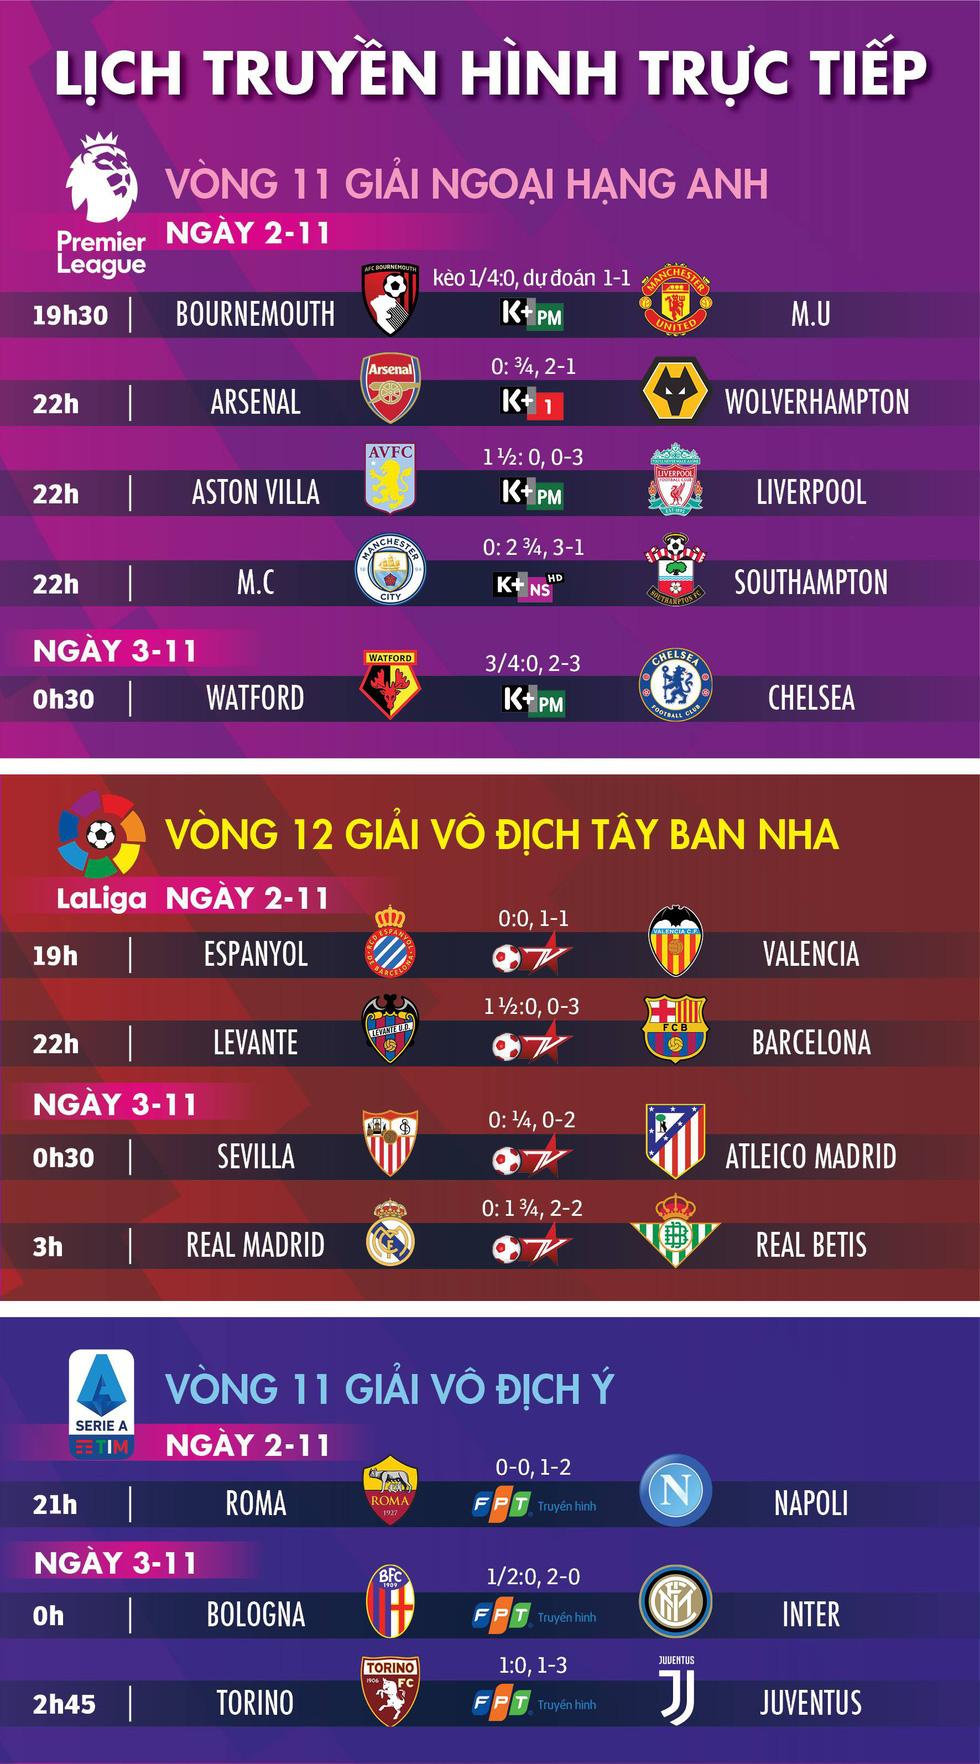 Lịch trực tiếp, kèo nhà cái, dự đoán kết quả bóng đá châu Âu 2-11 - Ảnh 1.